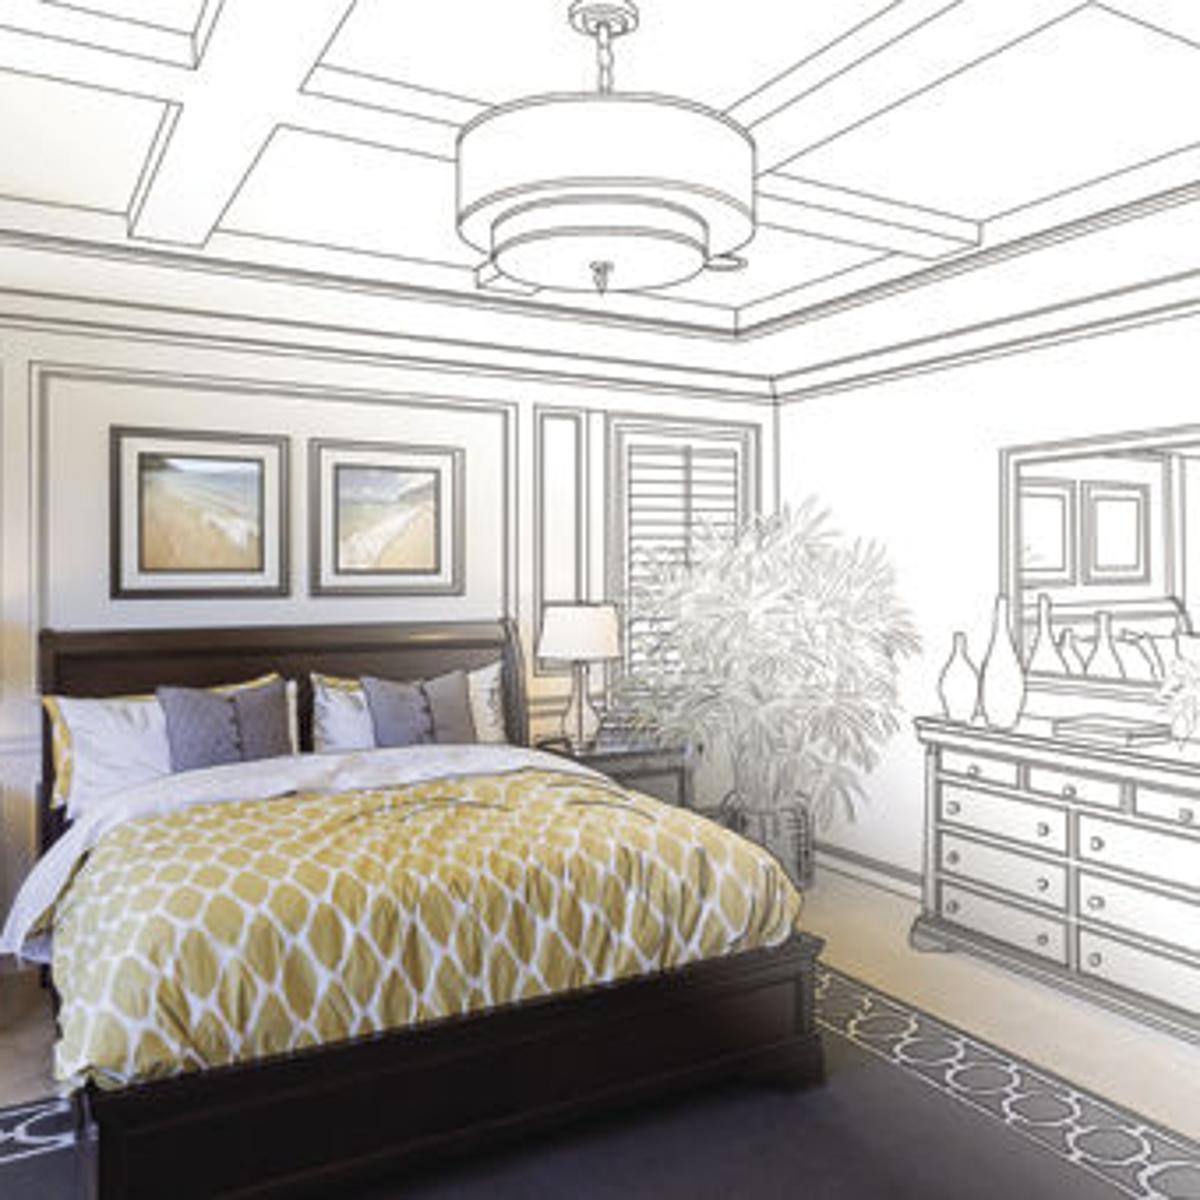 Rtd The Best Interior Designer 2017 2016 Rtd The Best Interior Designer Richmond Com